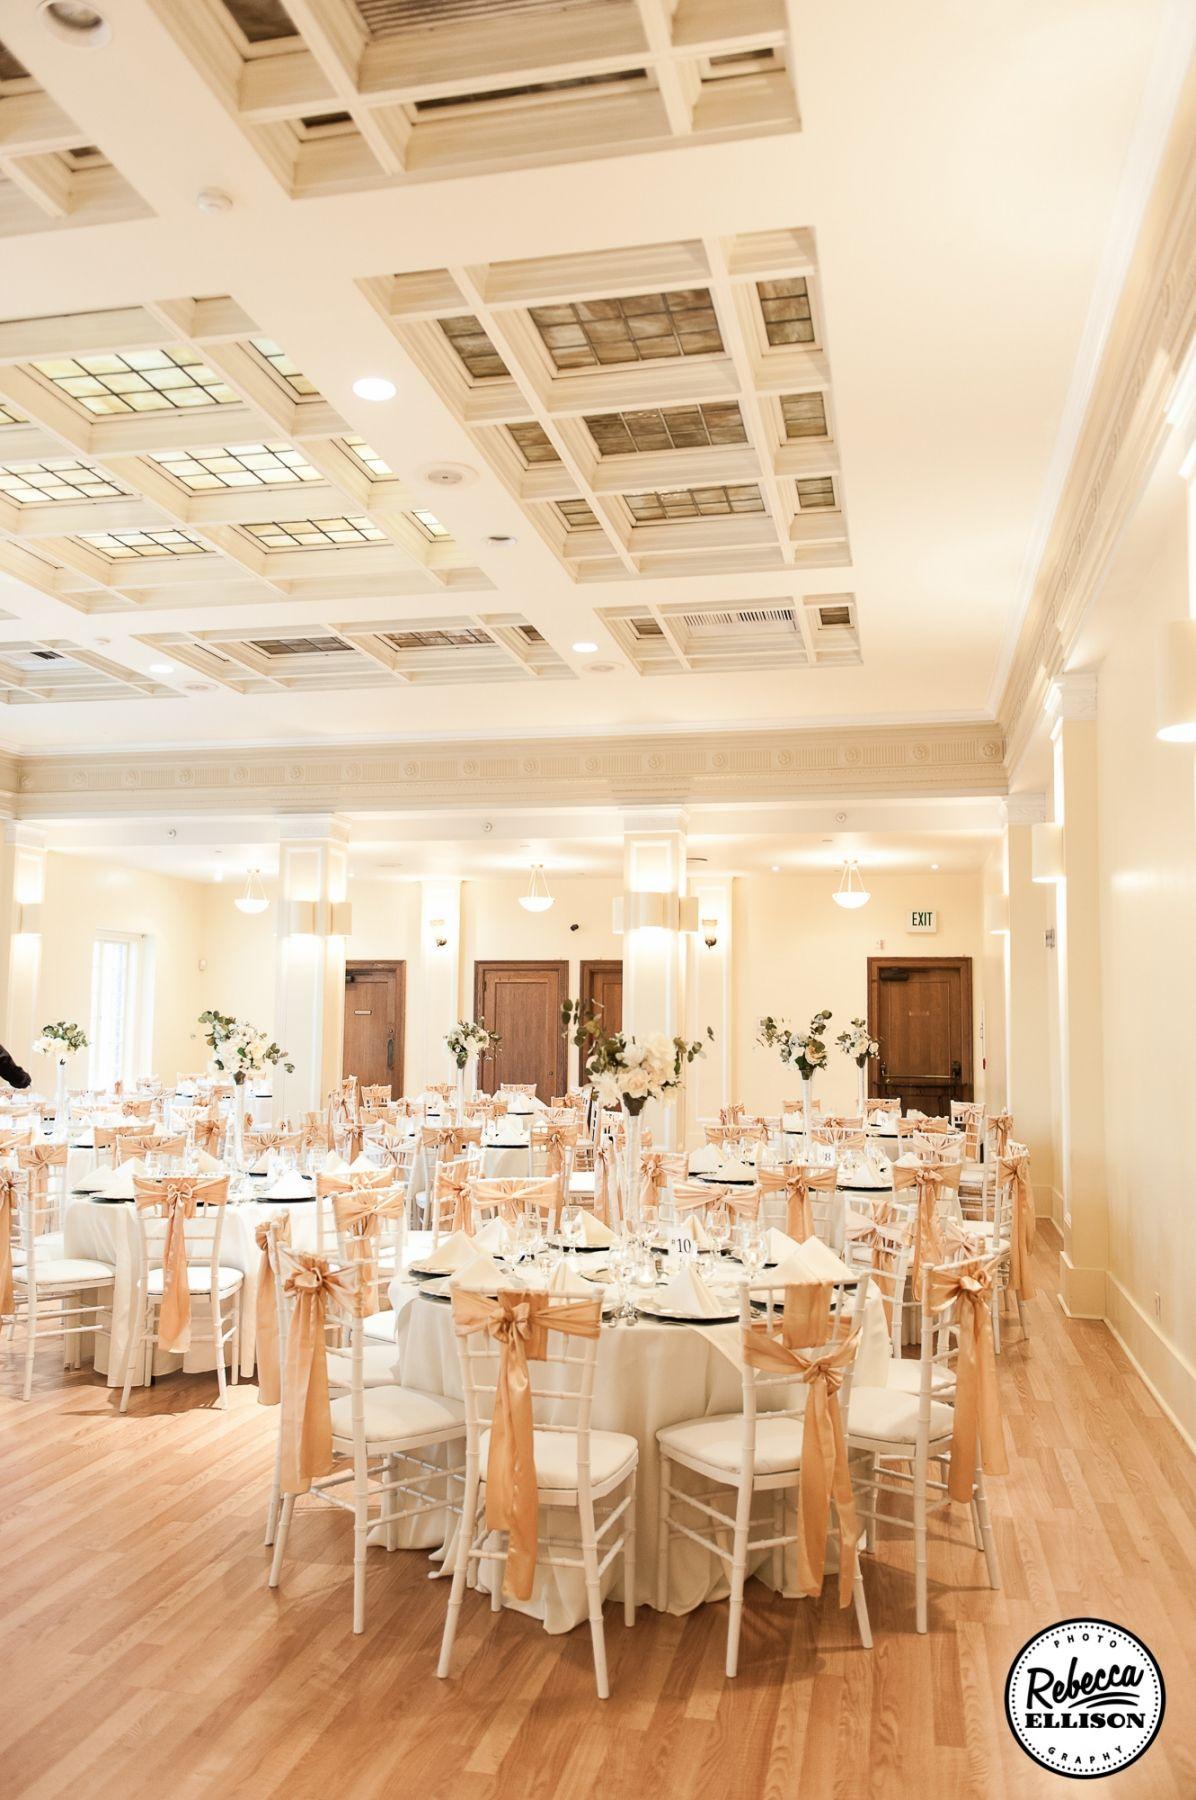 Monte Cristo Ballroom Wedding In Everett Of Jessica And